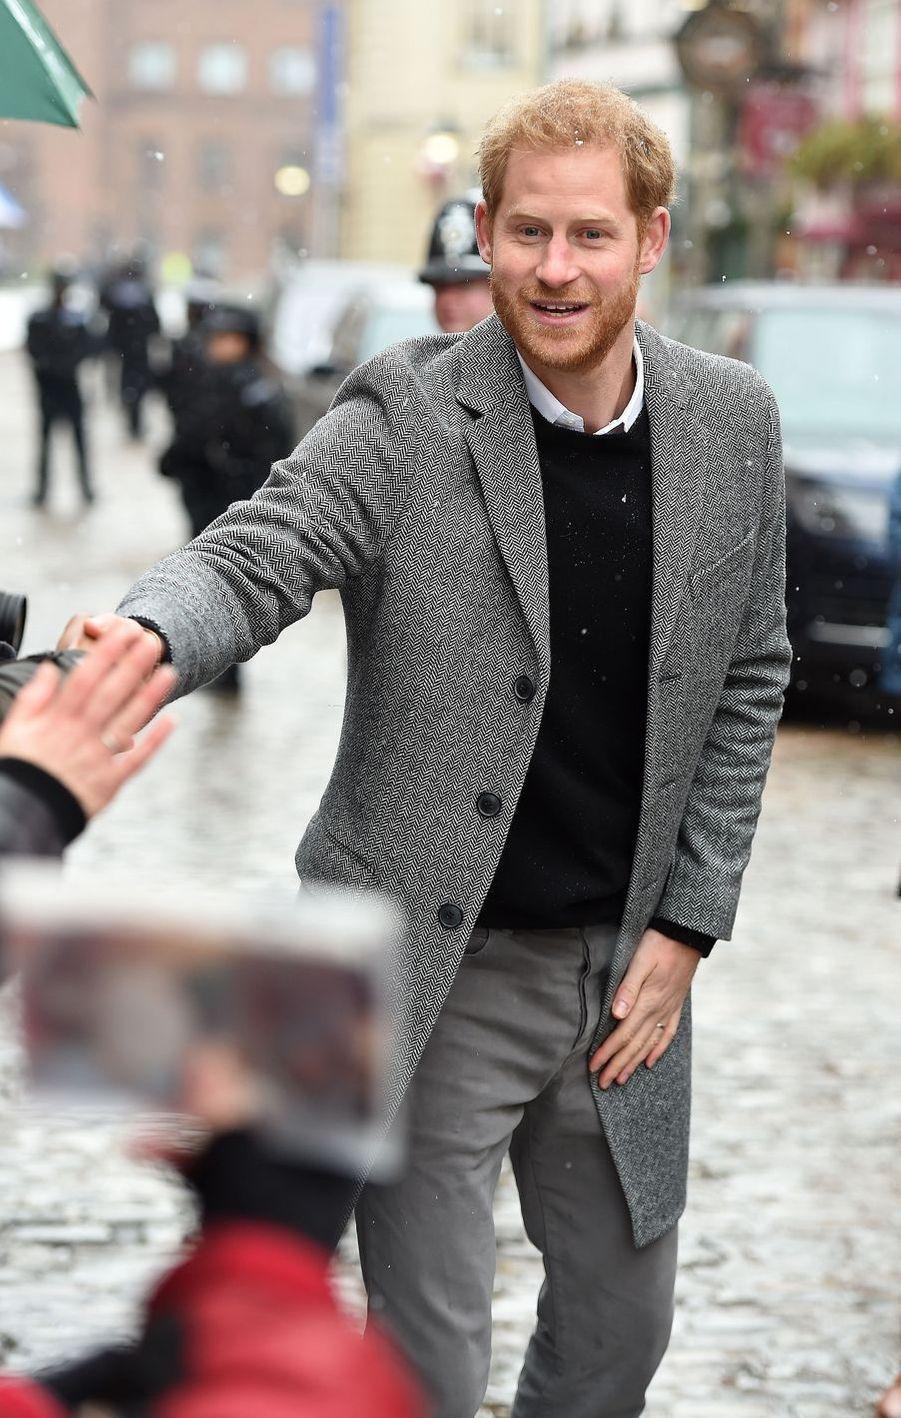 Le prince Harry, duc de Sussex, en visite à Bristol le 1er février 2019